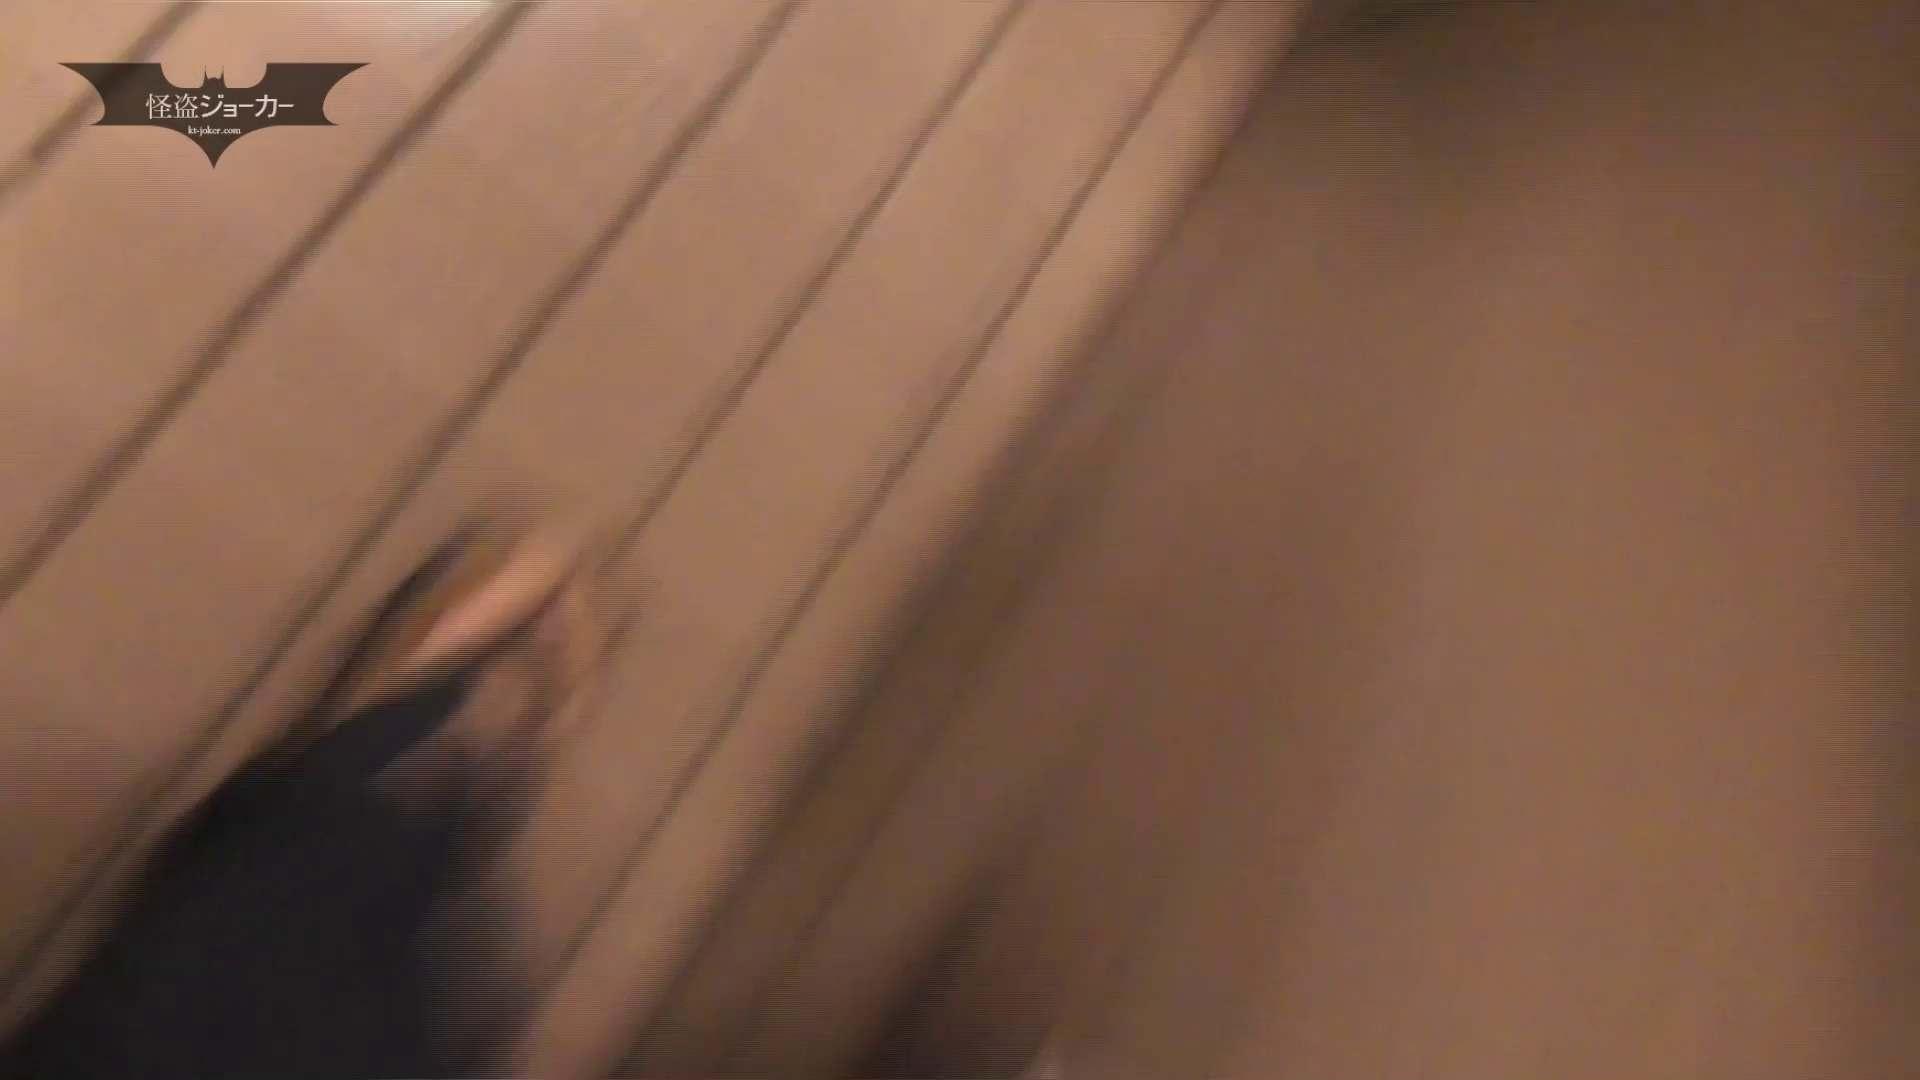 ヒトニアラヅNo.10 雪の様な白い肌 高画質 われめAV動画紹介 108画像 37